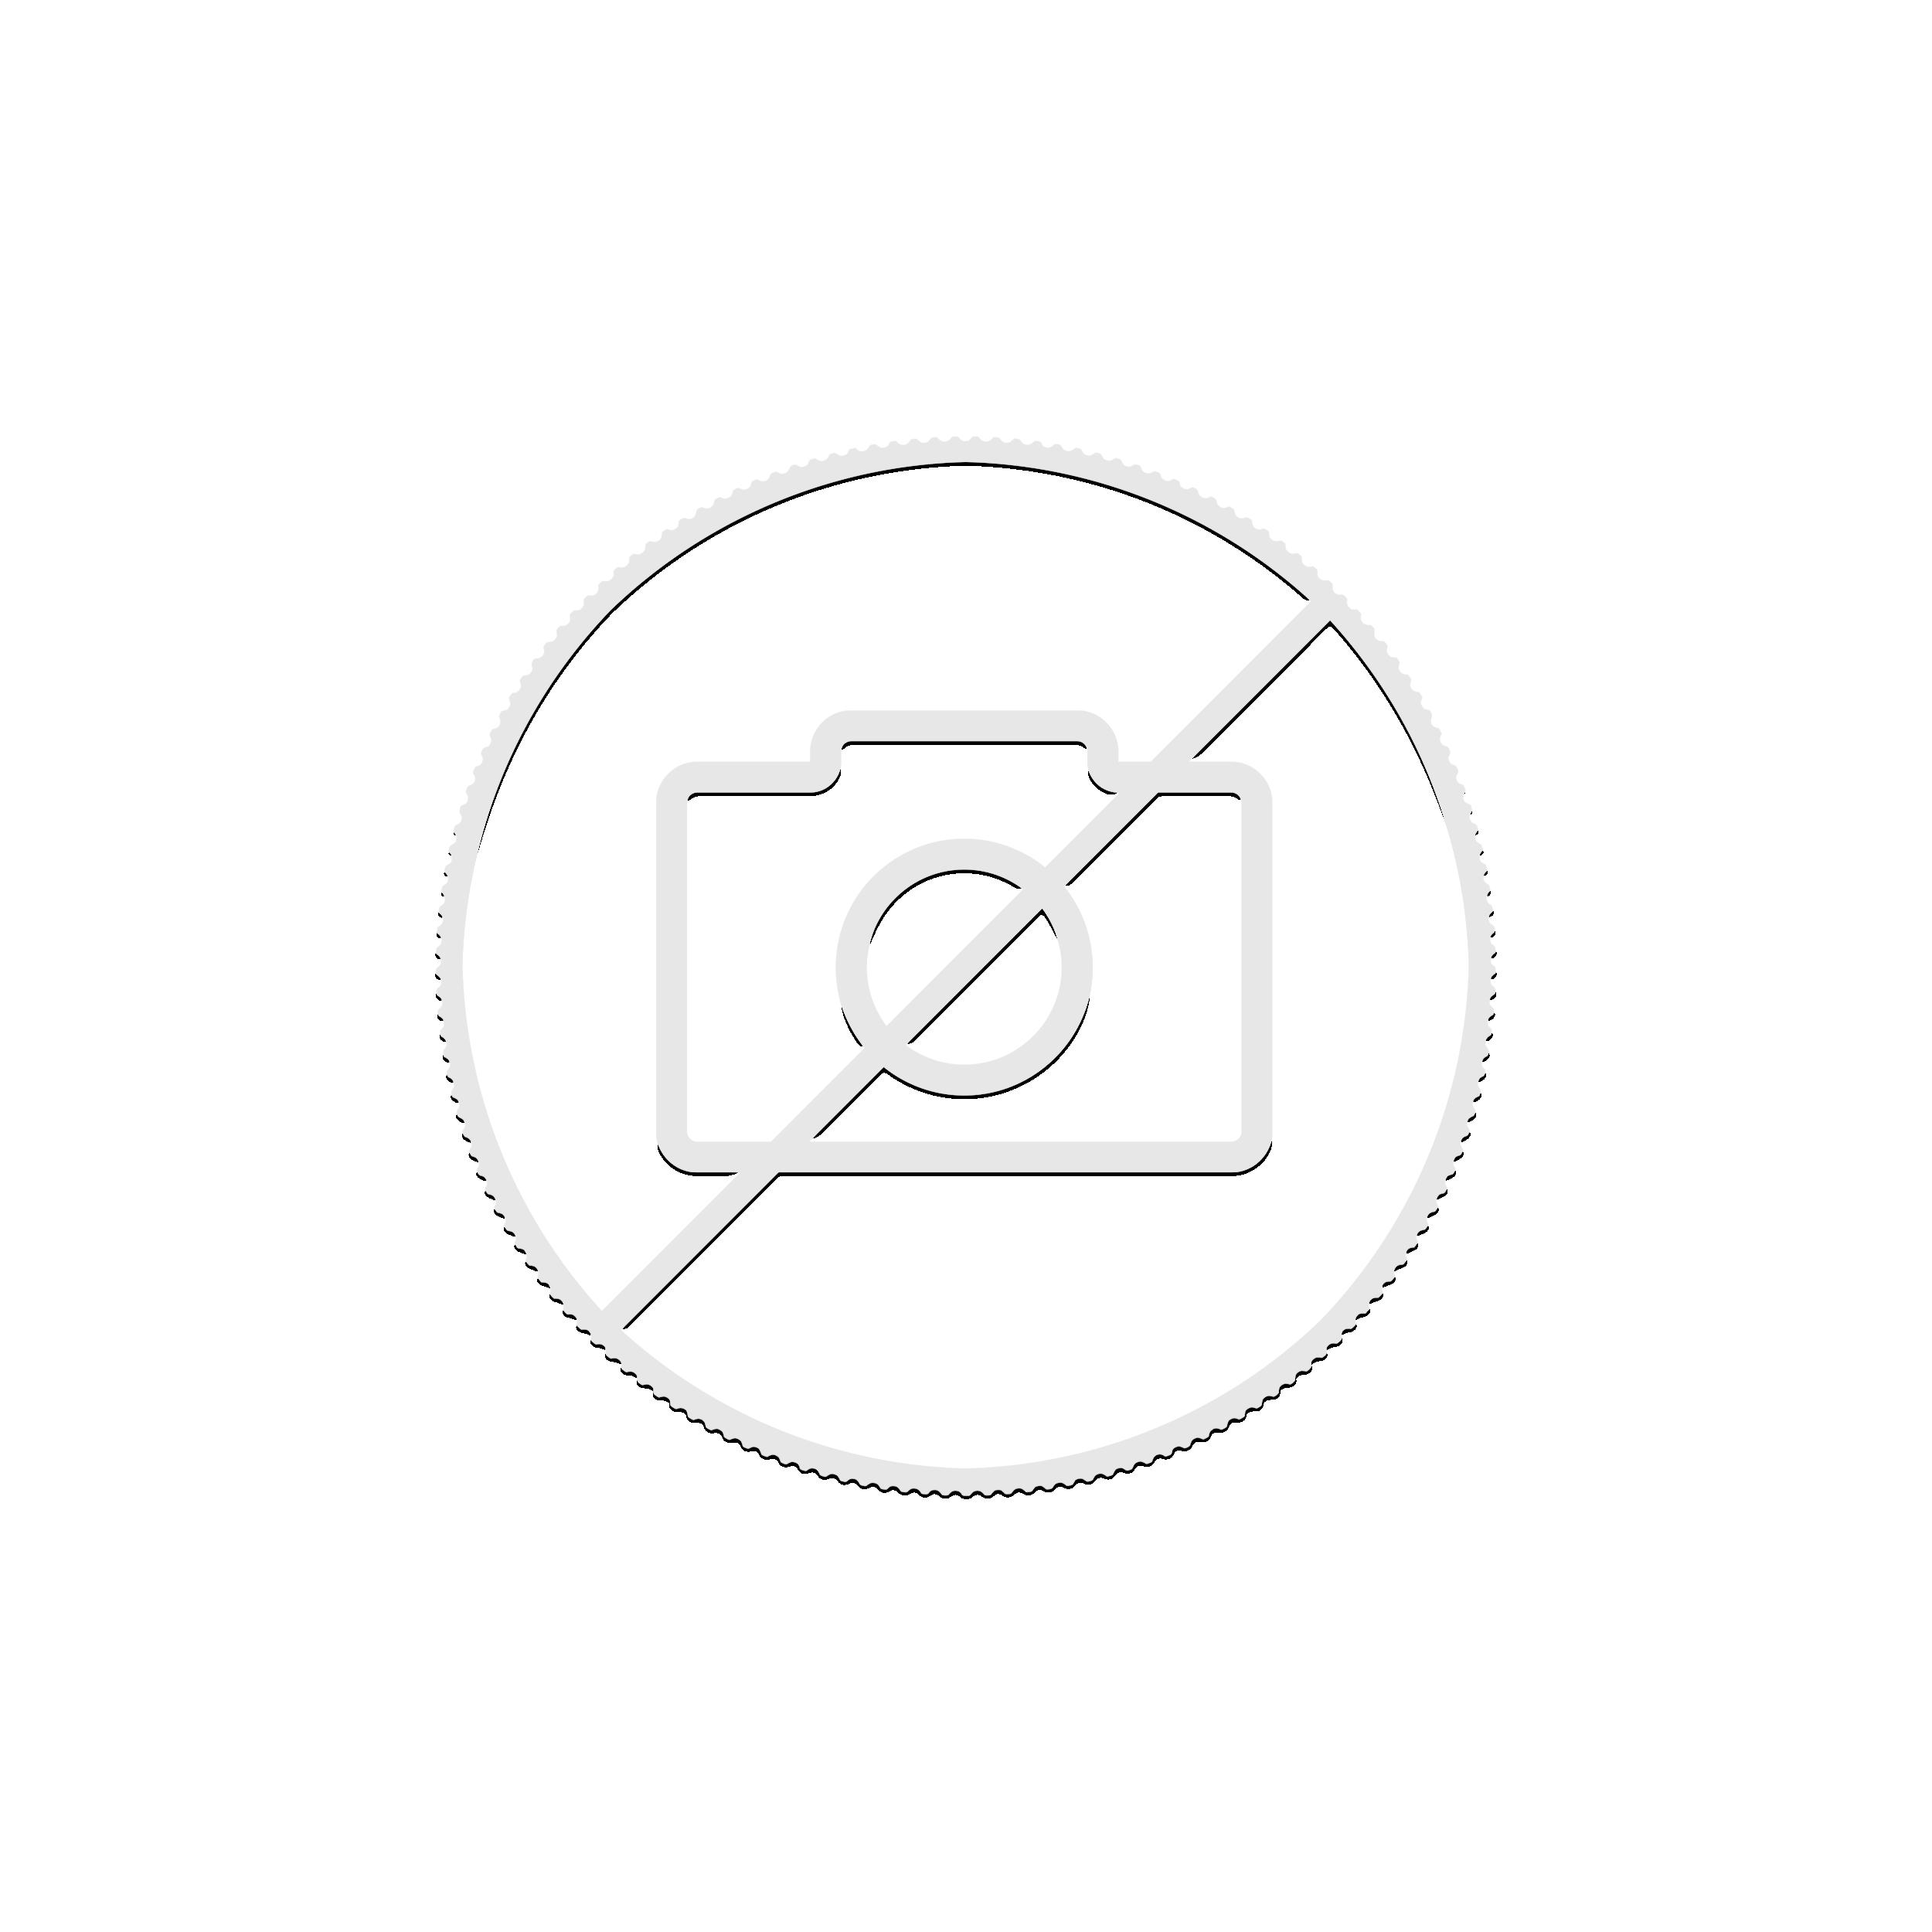 1 Troy ounce silver coin Athenian Owl - 2019